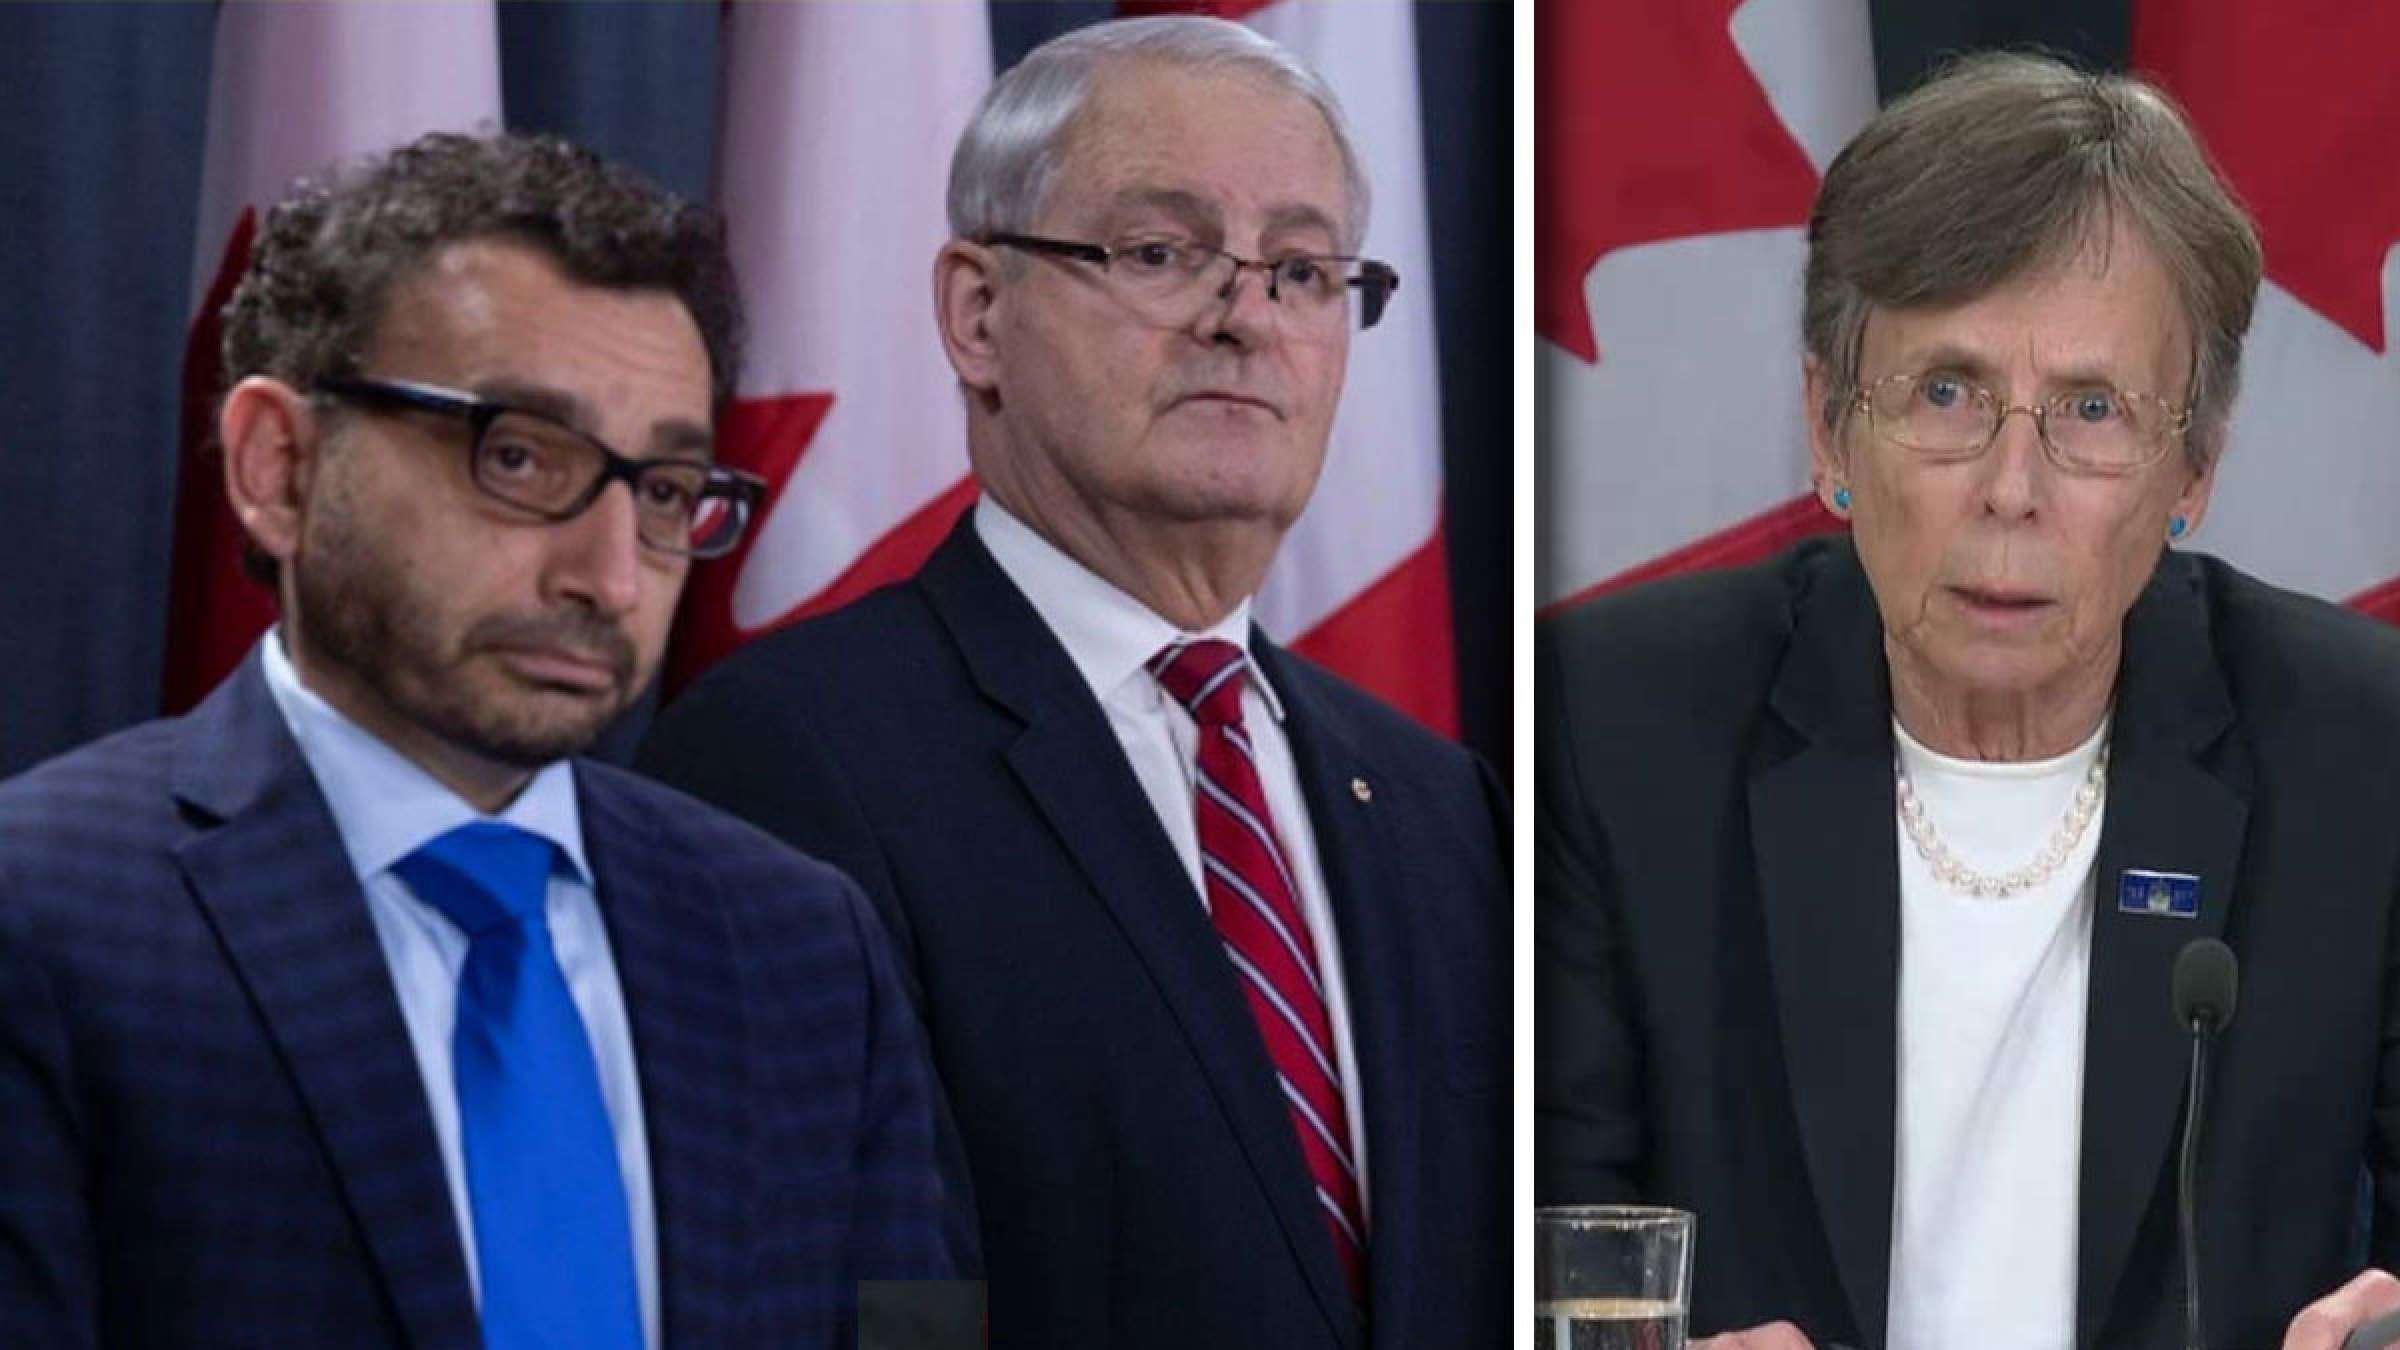 اخبار-کانادا-از-گزارش-نهایی-دیروز-ایران-تا-اظهار-نظر-رسمی-امروز-کانادا-و-خانواده-های-قربانیان-هواپیمای-اوکراینی